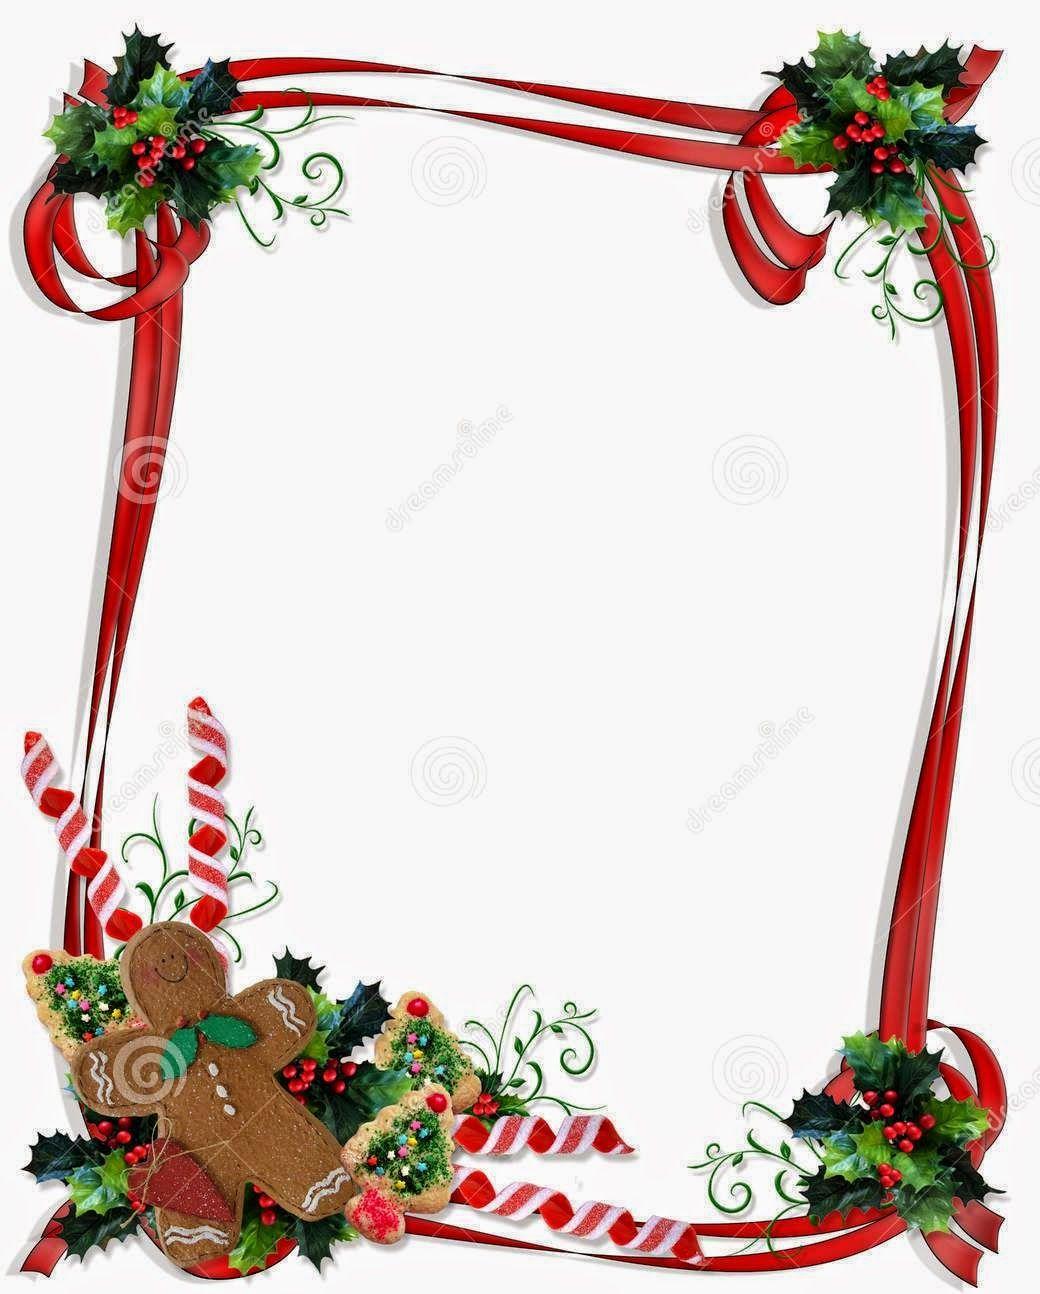 Merry-Christmas-Day-2014-Border-Free-Printable-Download | Christmas - Free Printable Christmas Clip Art